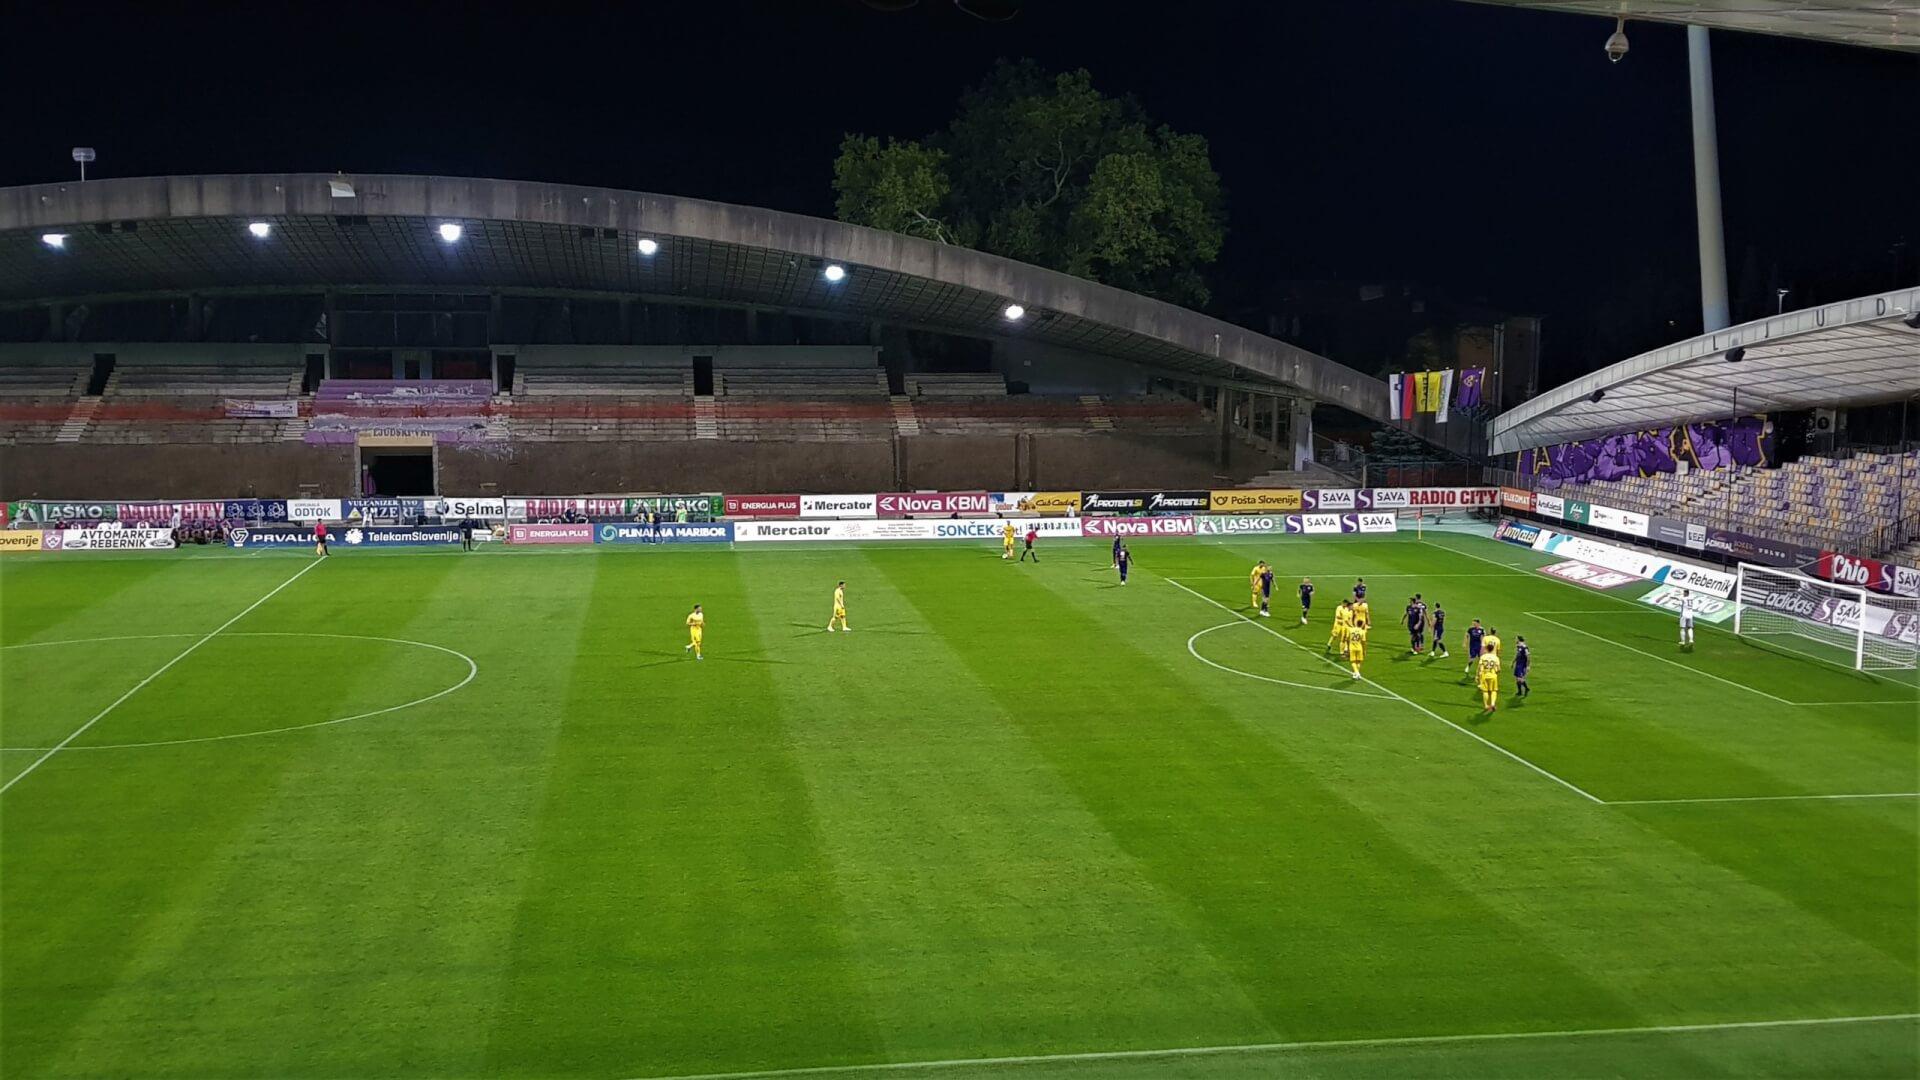 Kljub rutinirani zmagi Maribor izpadel iz borbe za naslov prvaka